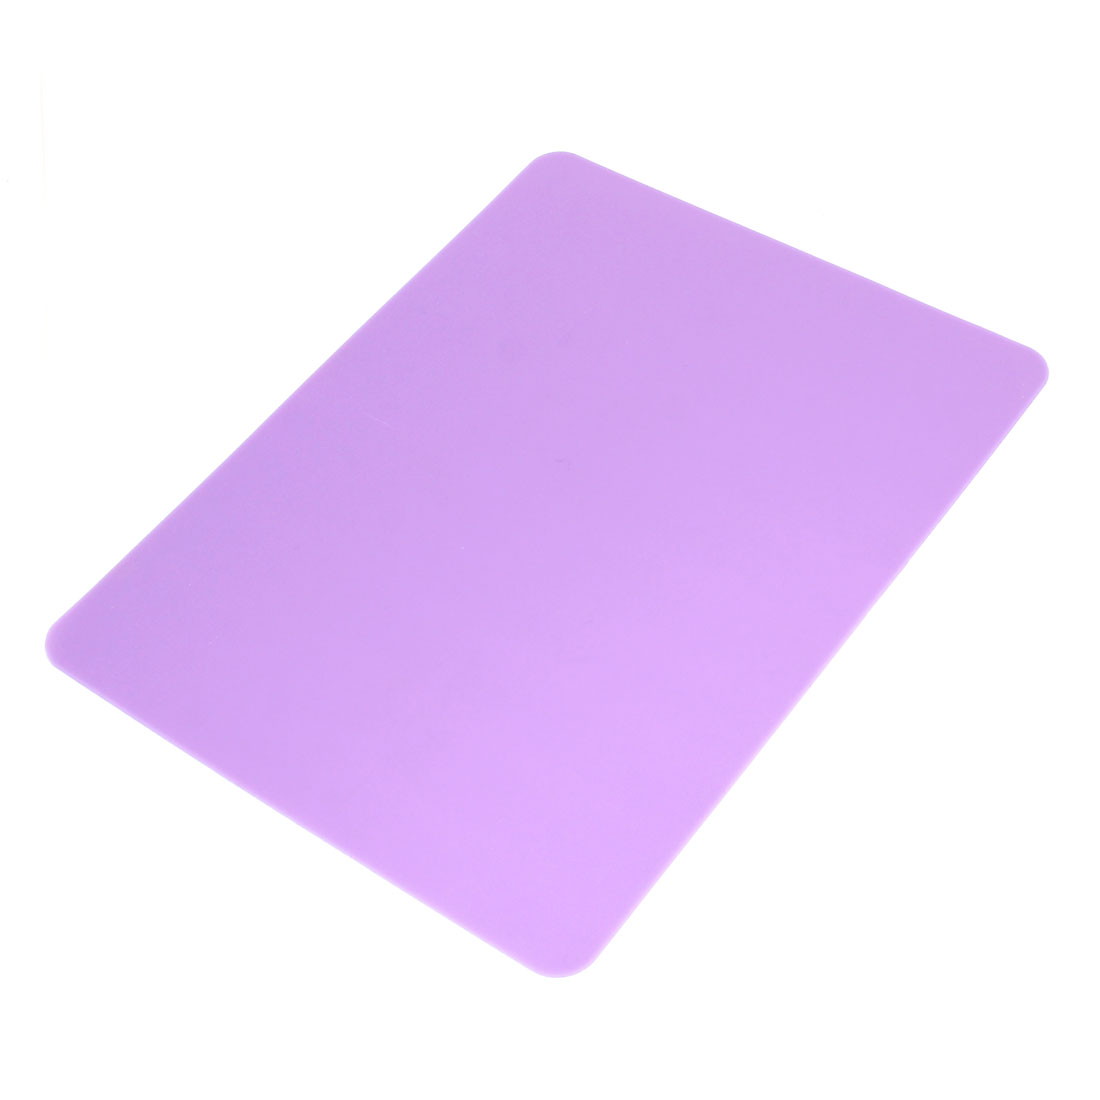 21.5cm x 17cm Light Purple Nonslip Silicone Desktop Computer Mouse Pad Mat